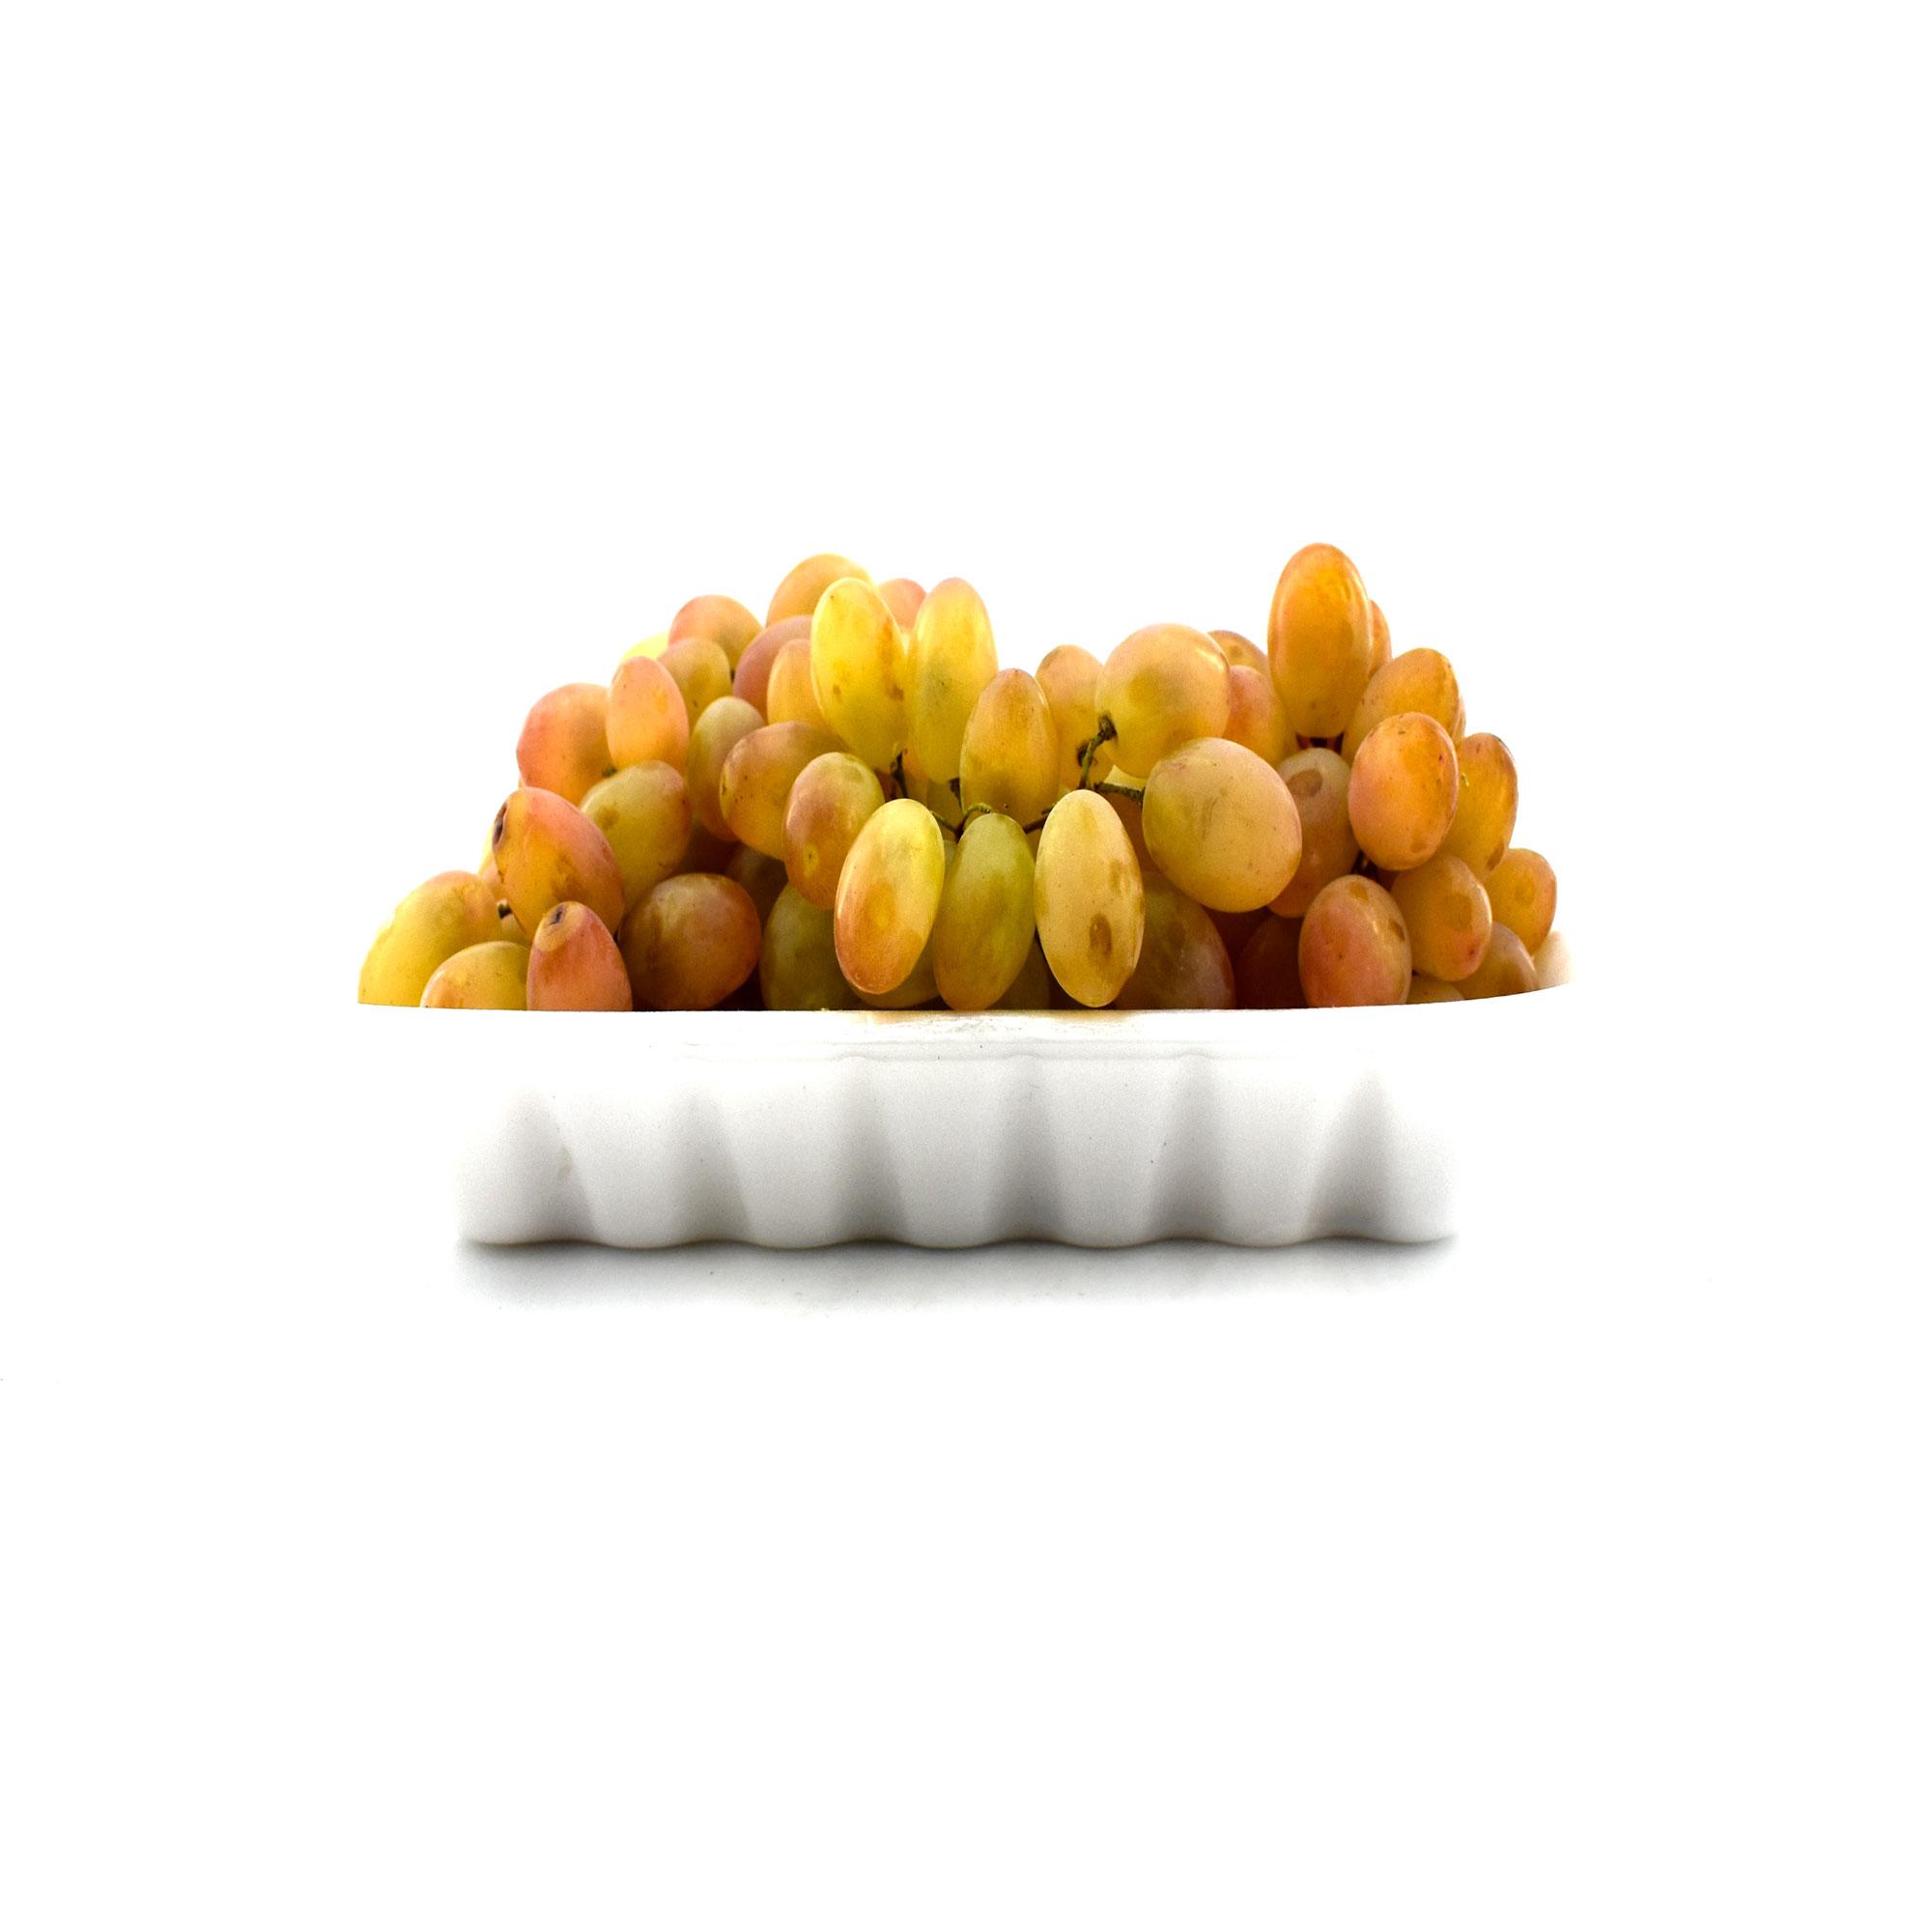 انگور شاهرودی - 4 کیلوگرم main 1 1